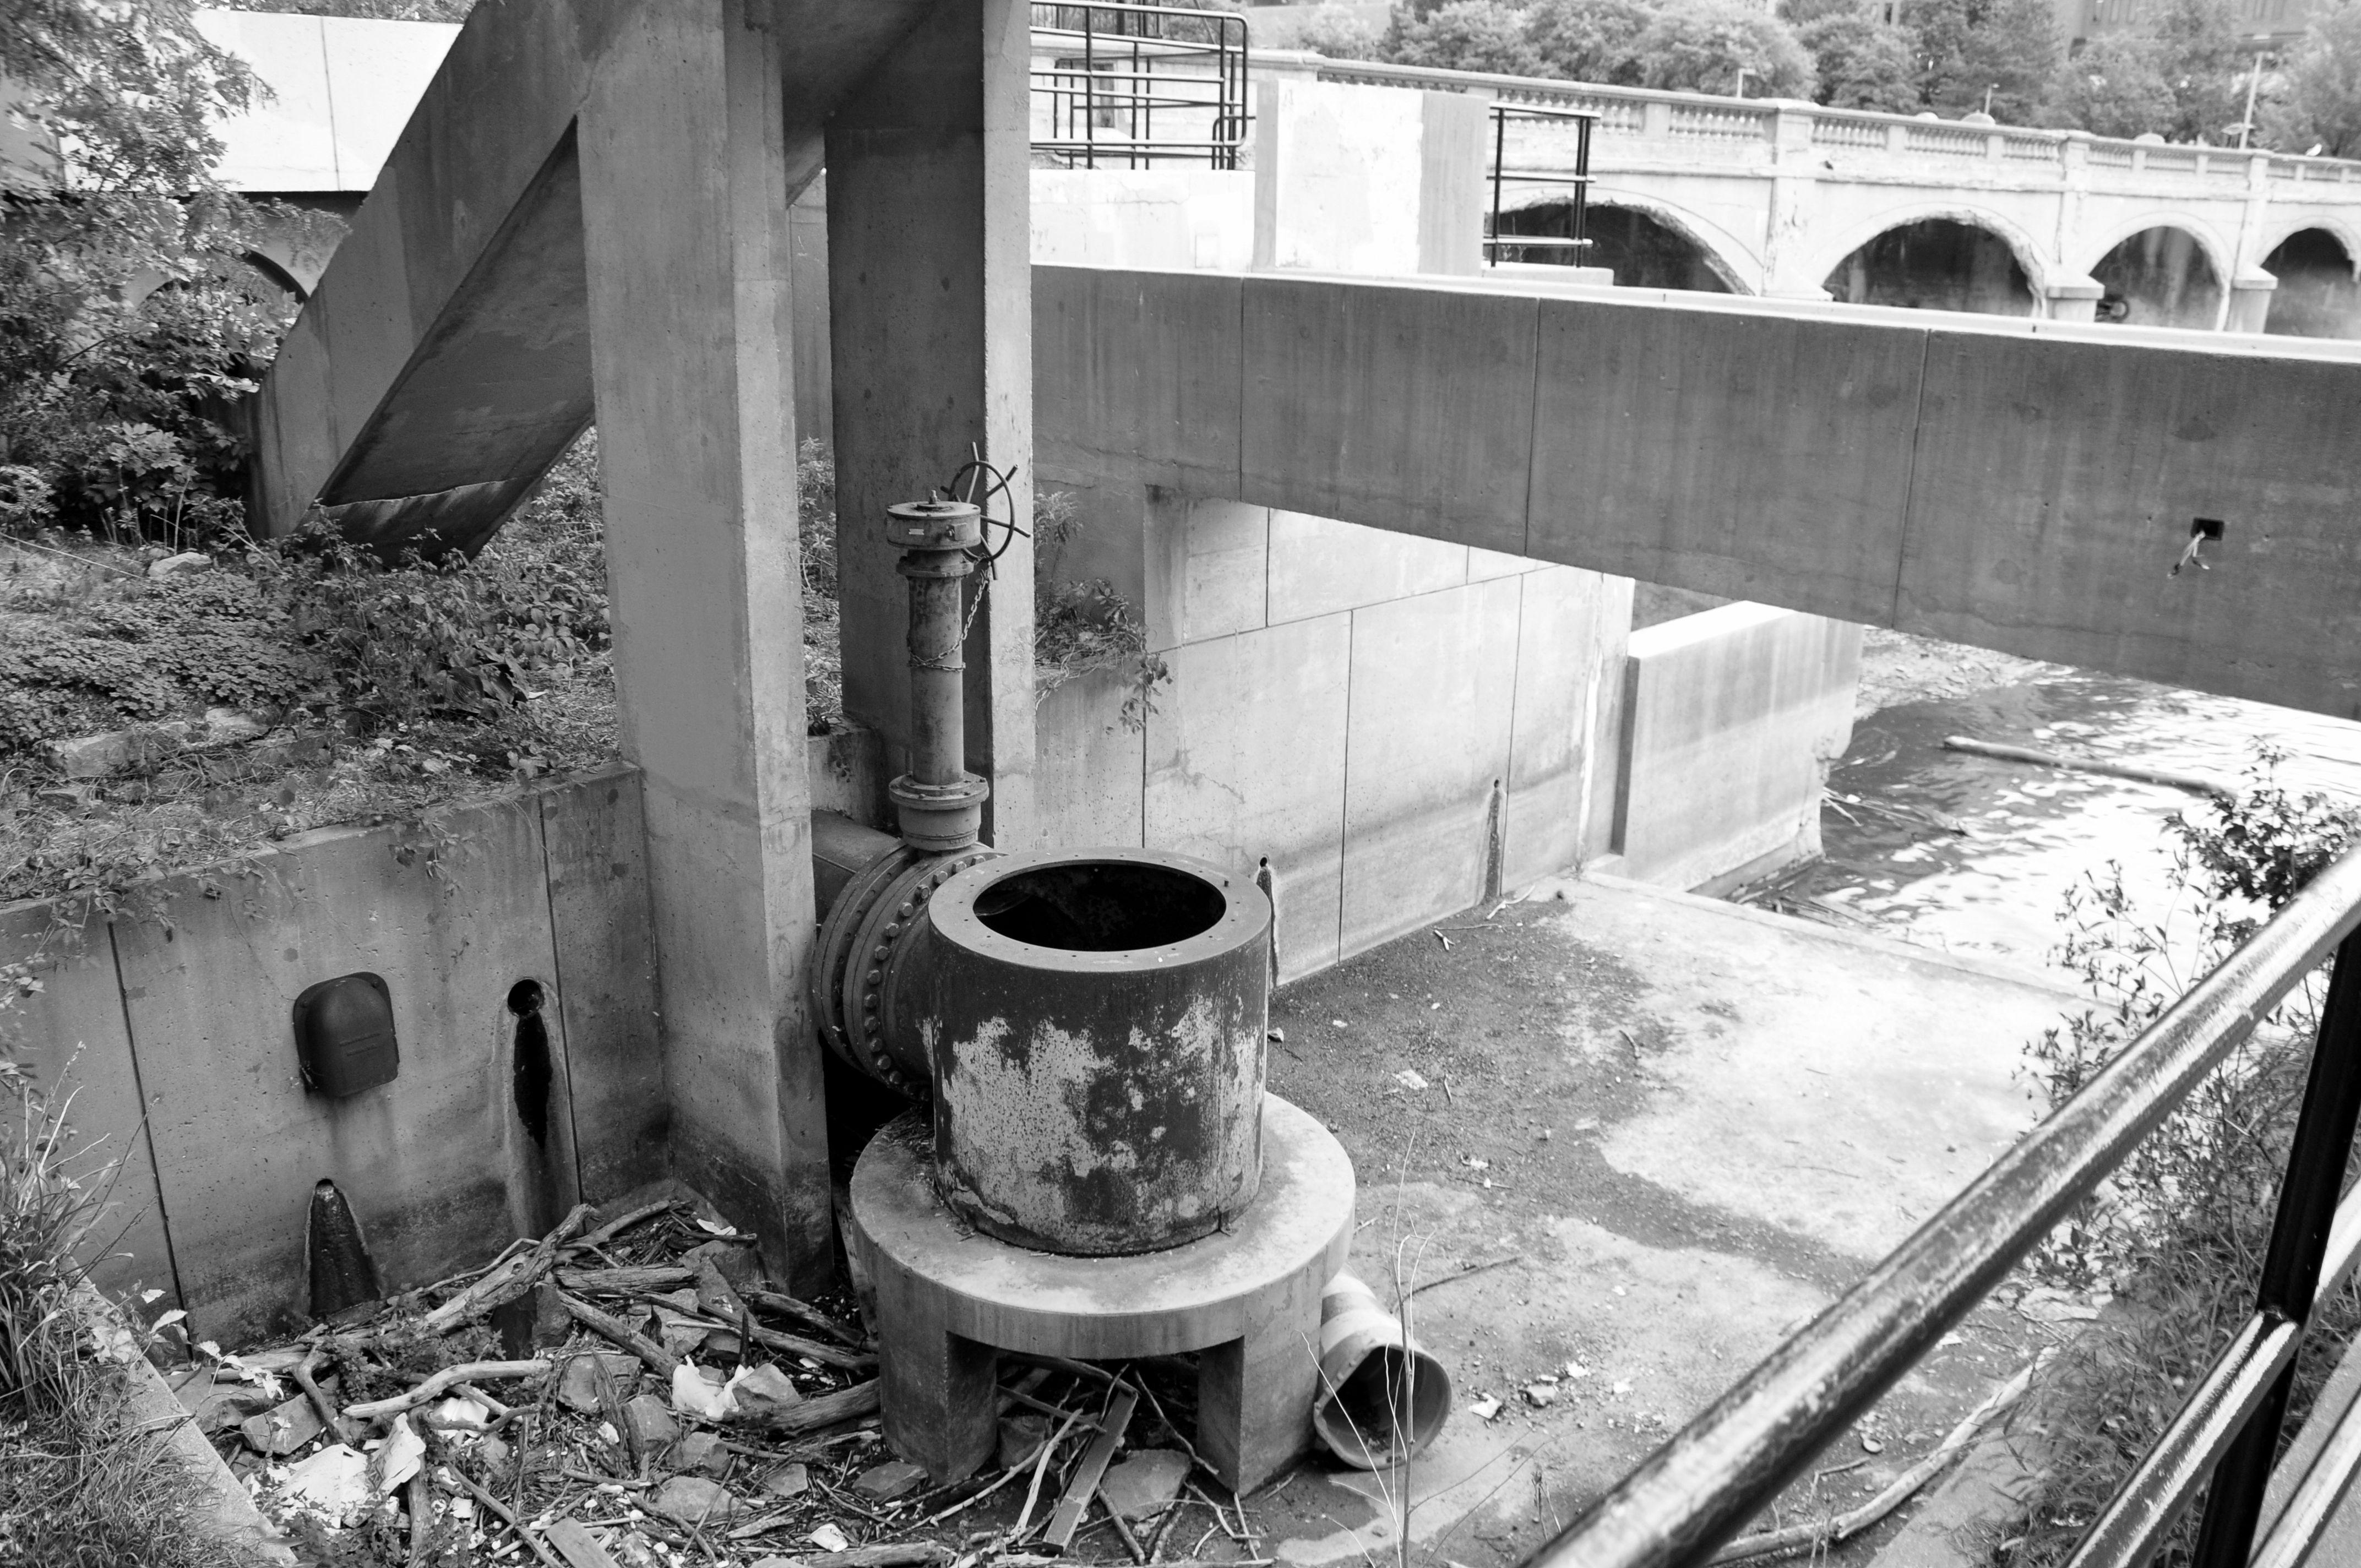 Flint River Dam Flickr